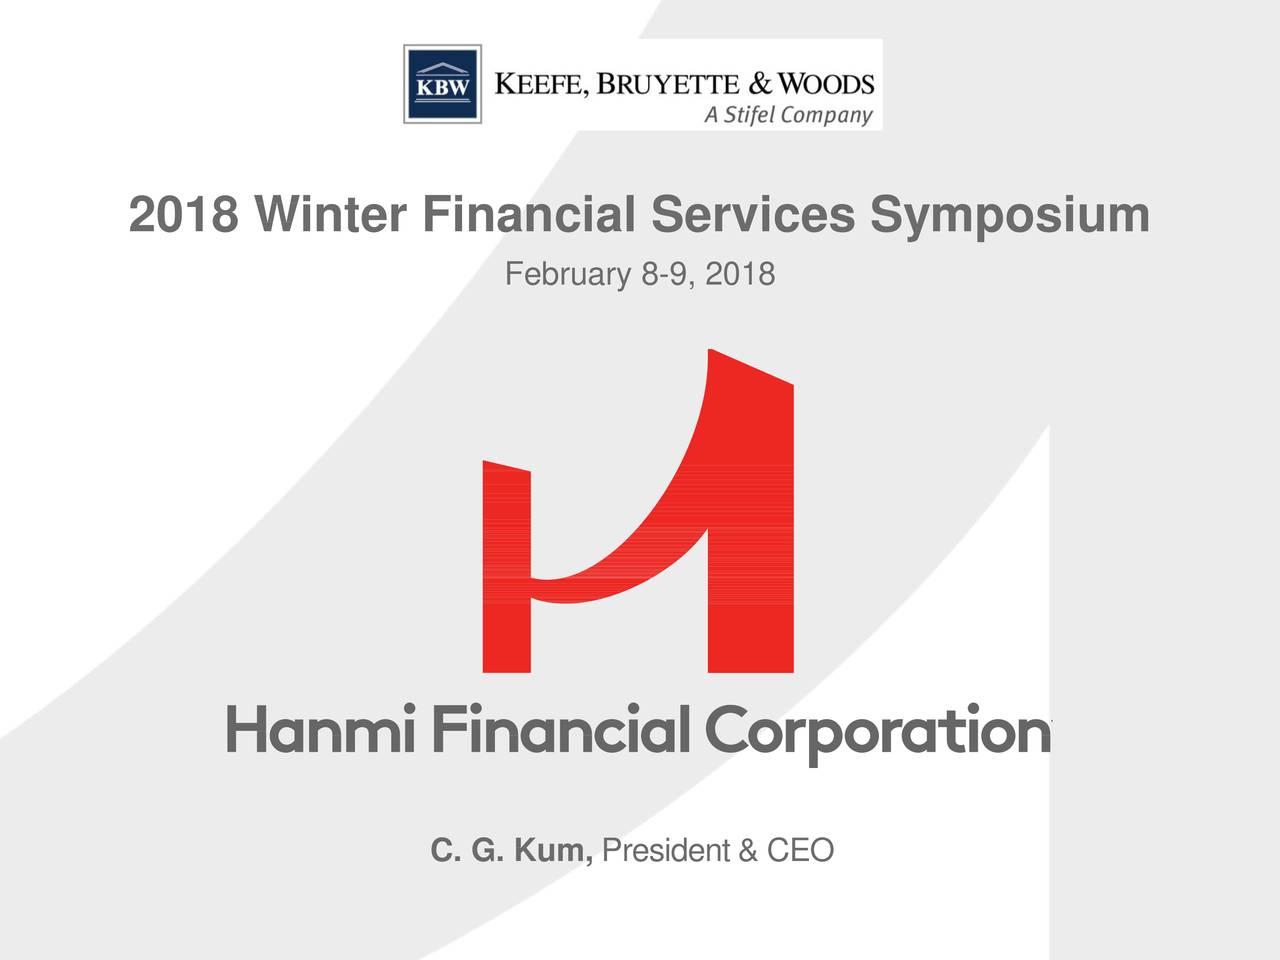 February 8-9, 2018 C. G. Kum, President & CEO 1